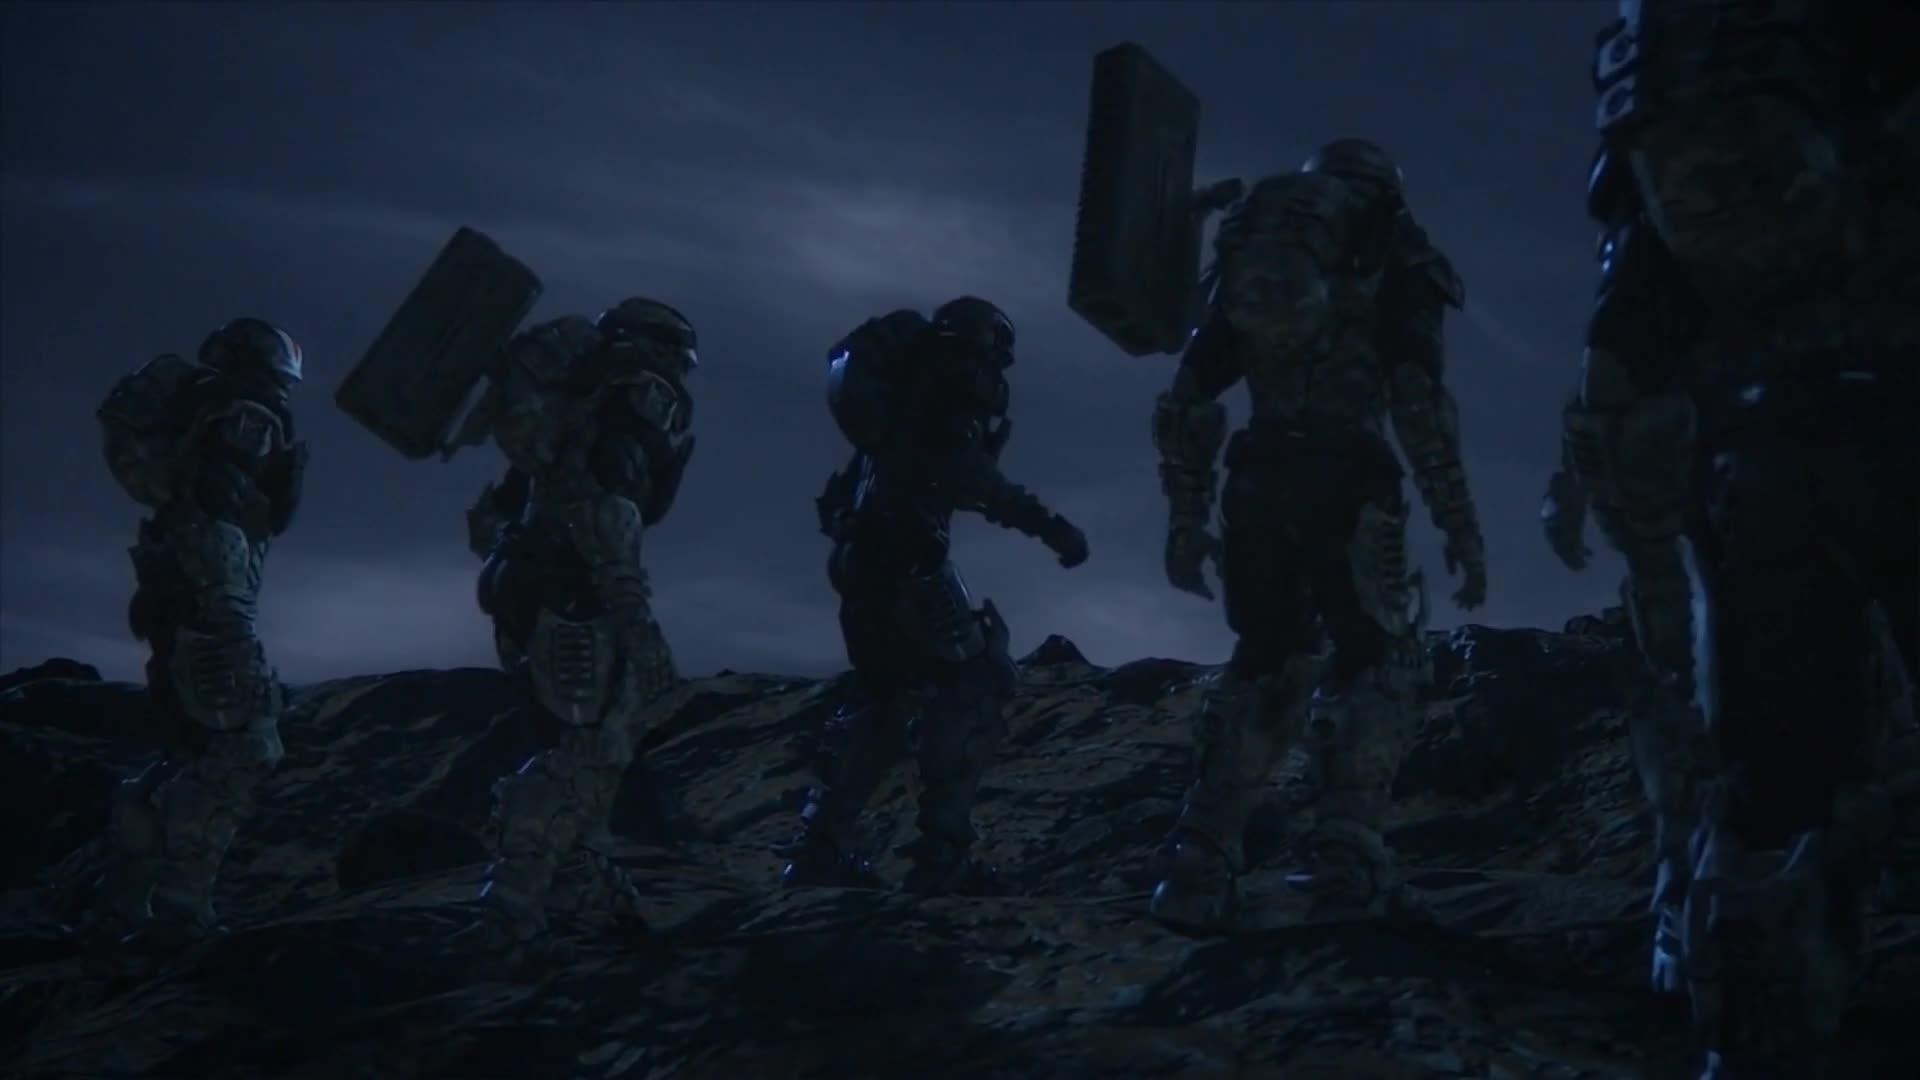 #星河战队#倒放-《星河战队》这核弹的威力不是一般的大